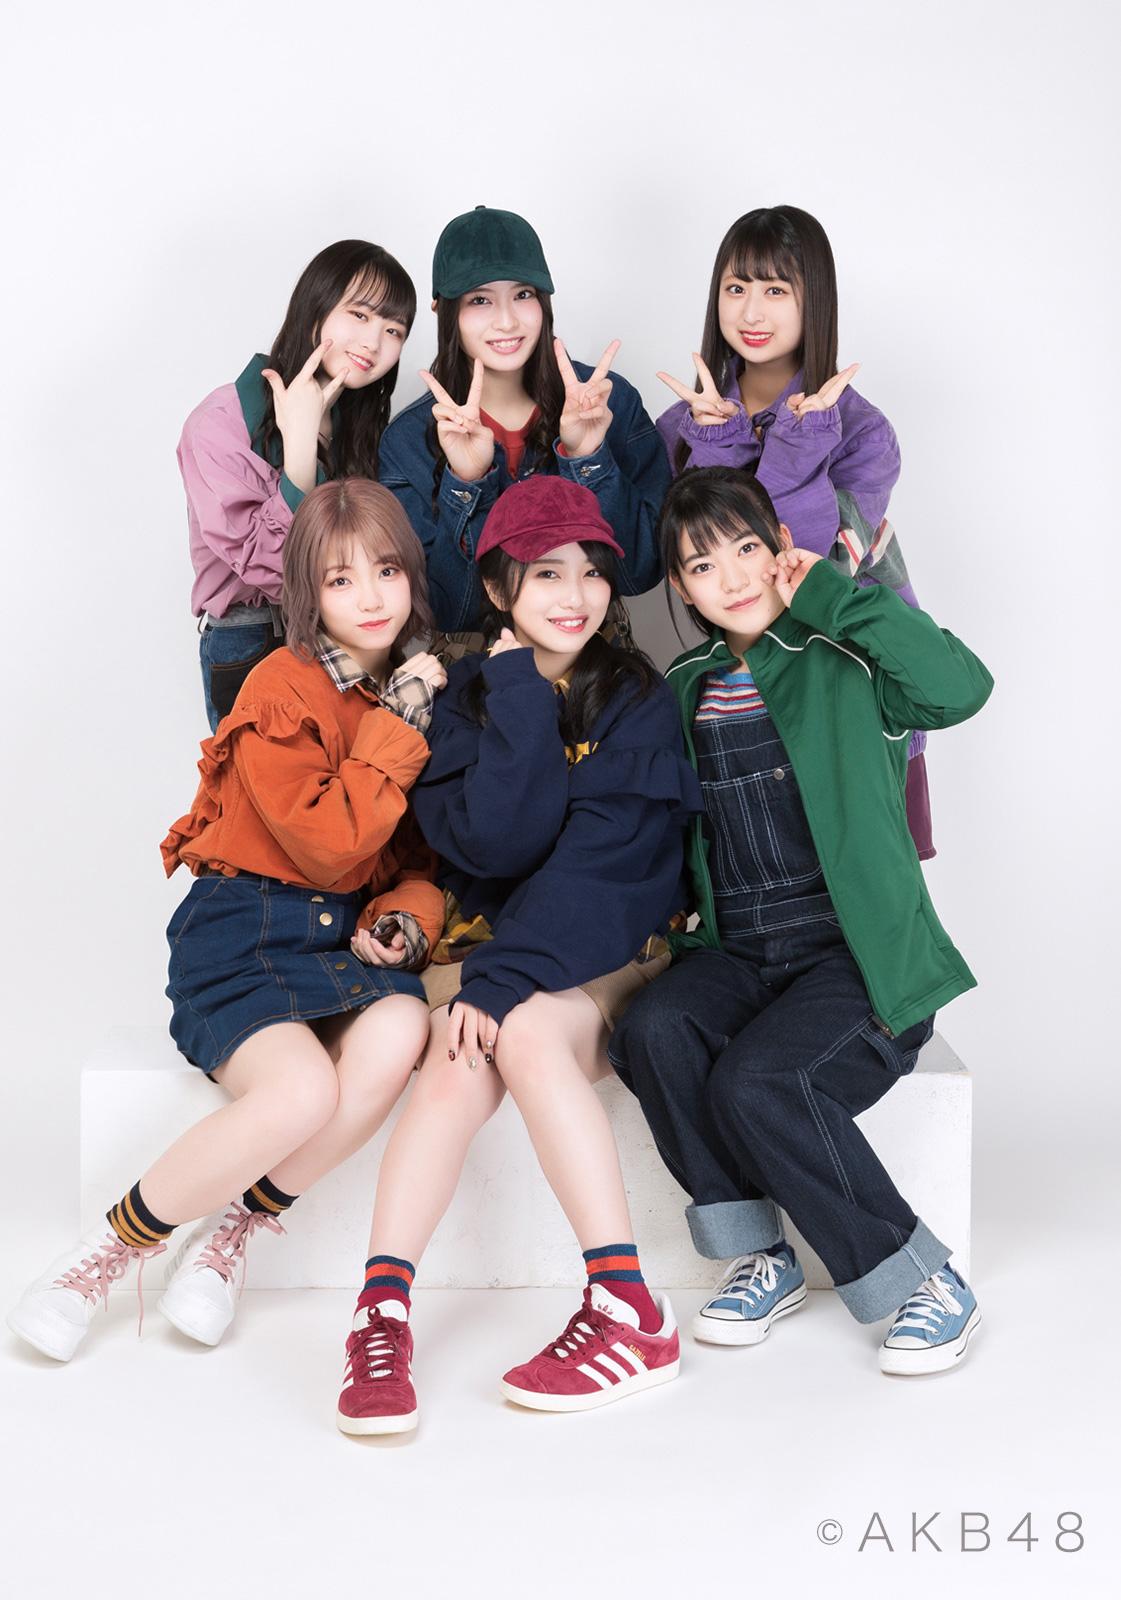 【AKB48】ユニットF、G、H振替公演ユニット名決定! 他